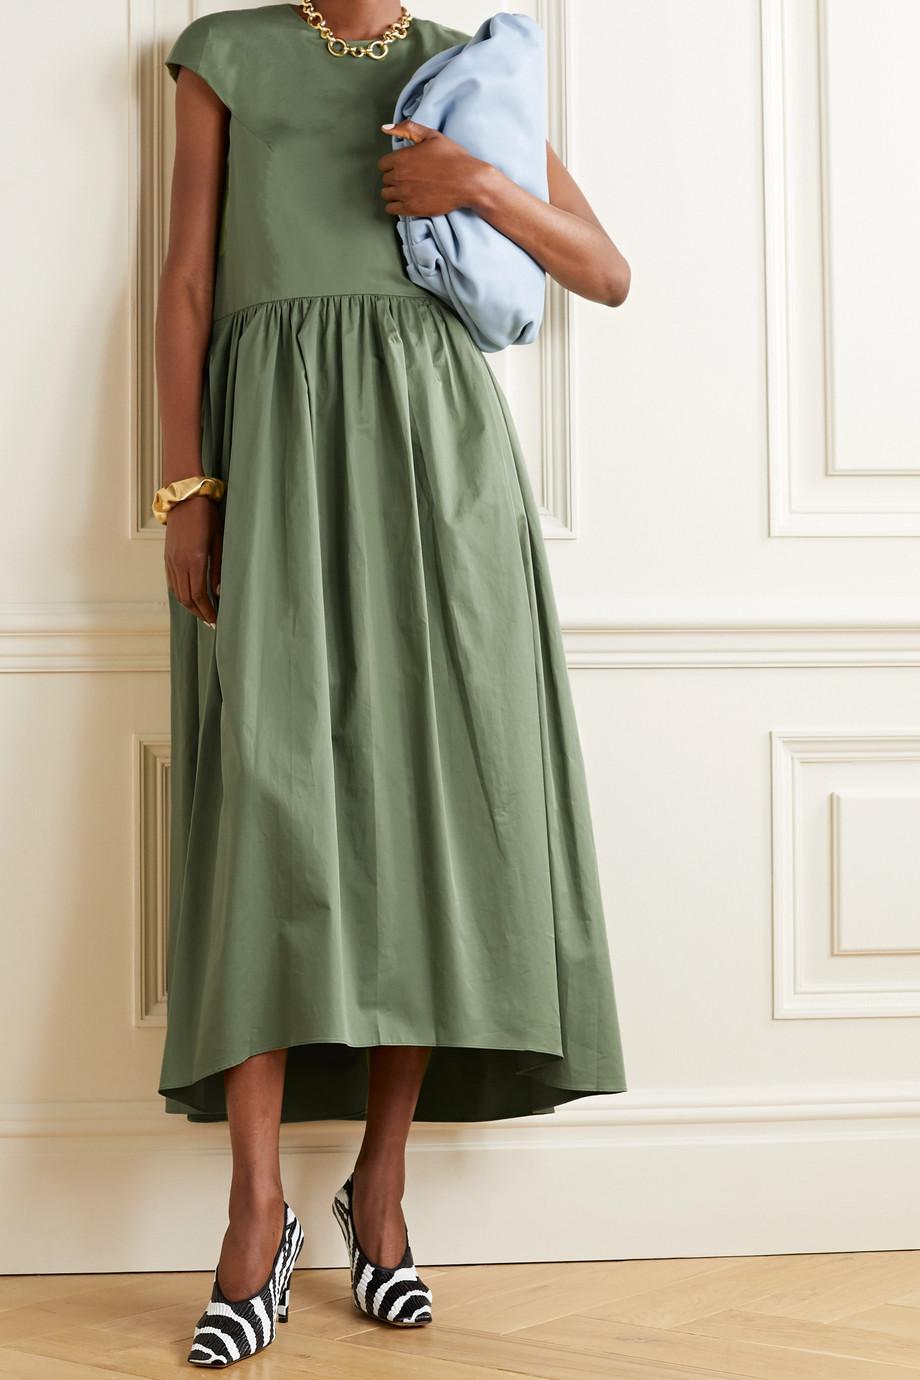 Tibi 有机纯棉府绸中长连衣裙